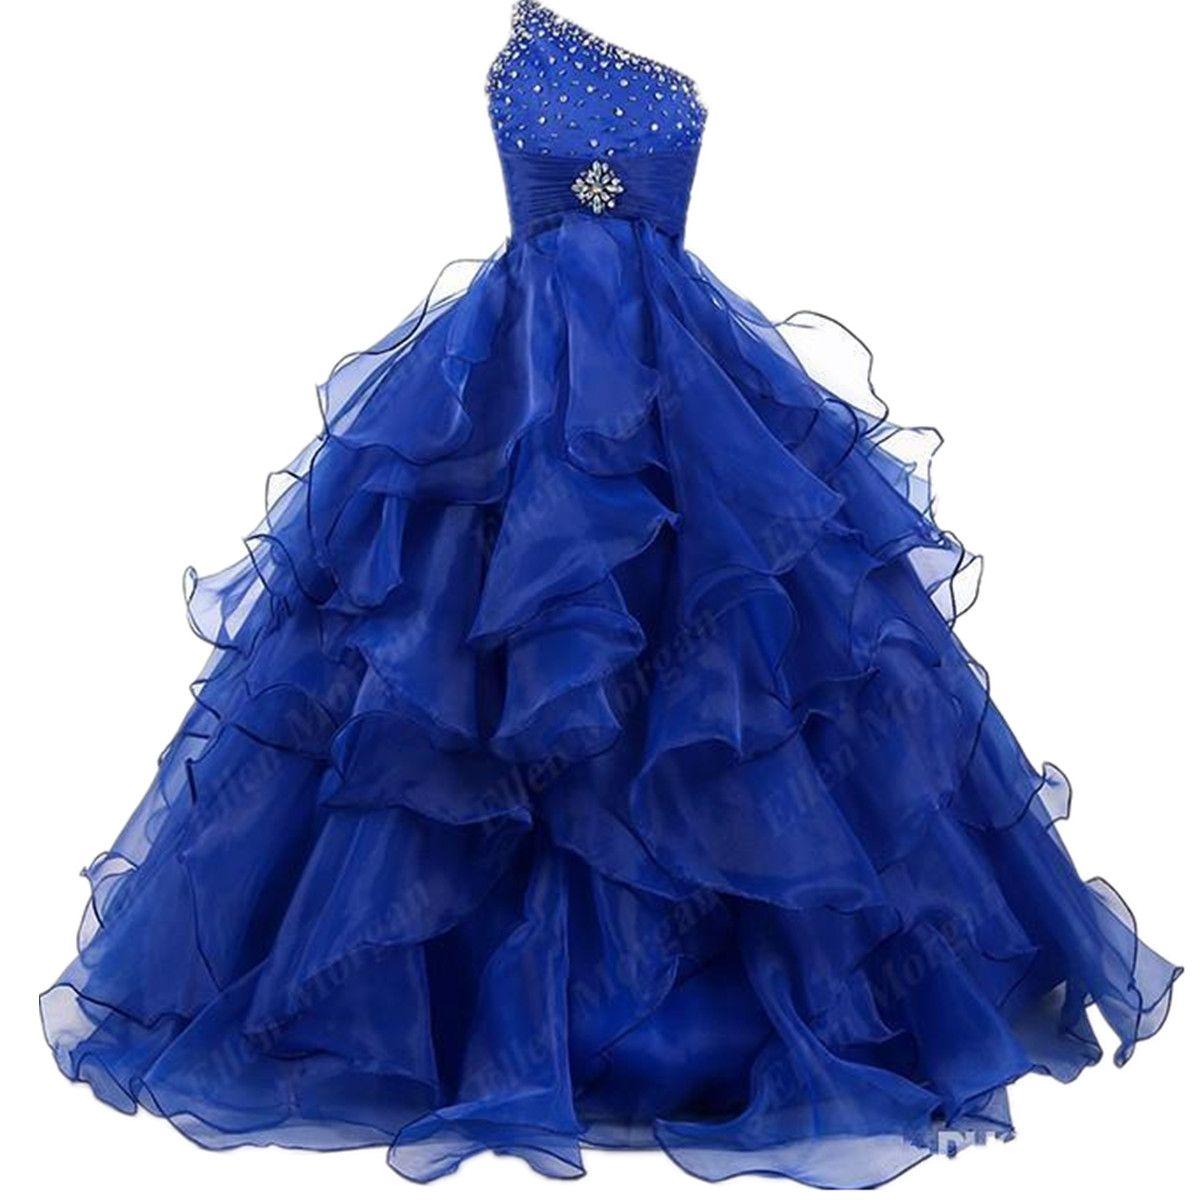 Nouveau bleu one épaule mariage princesse robe robe fleur fille robes de robe de pageant robes princesse organza volants cristal sur mesure